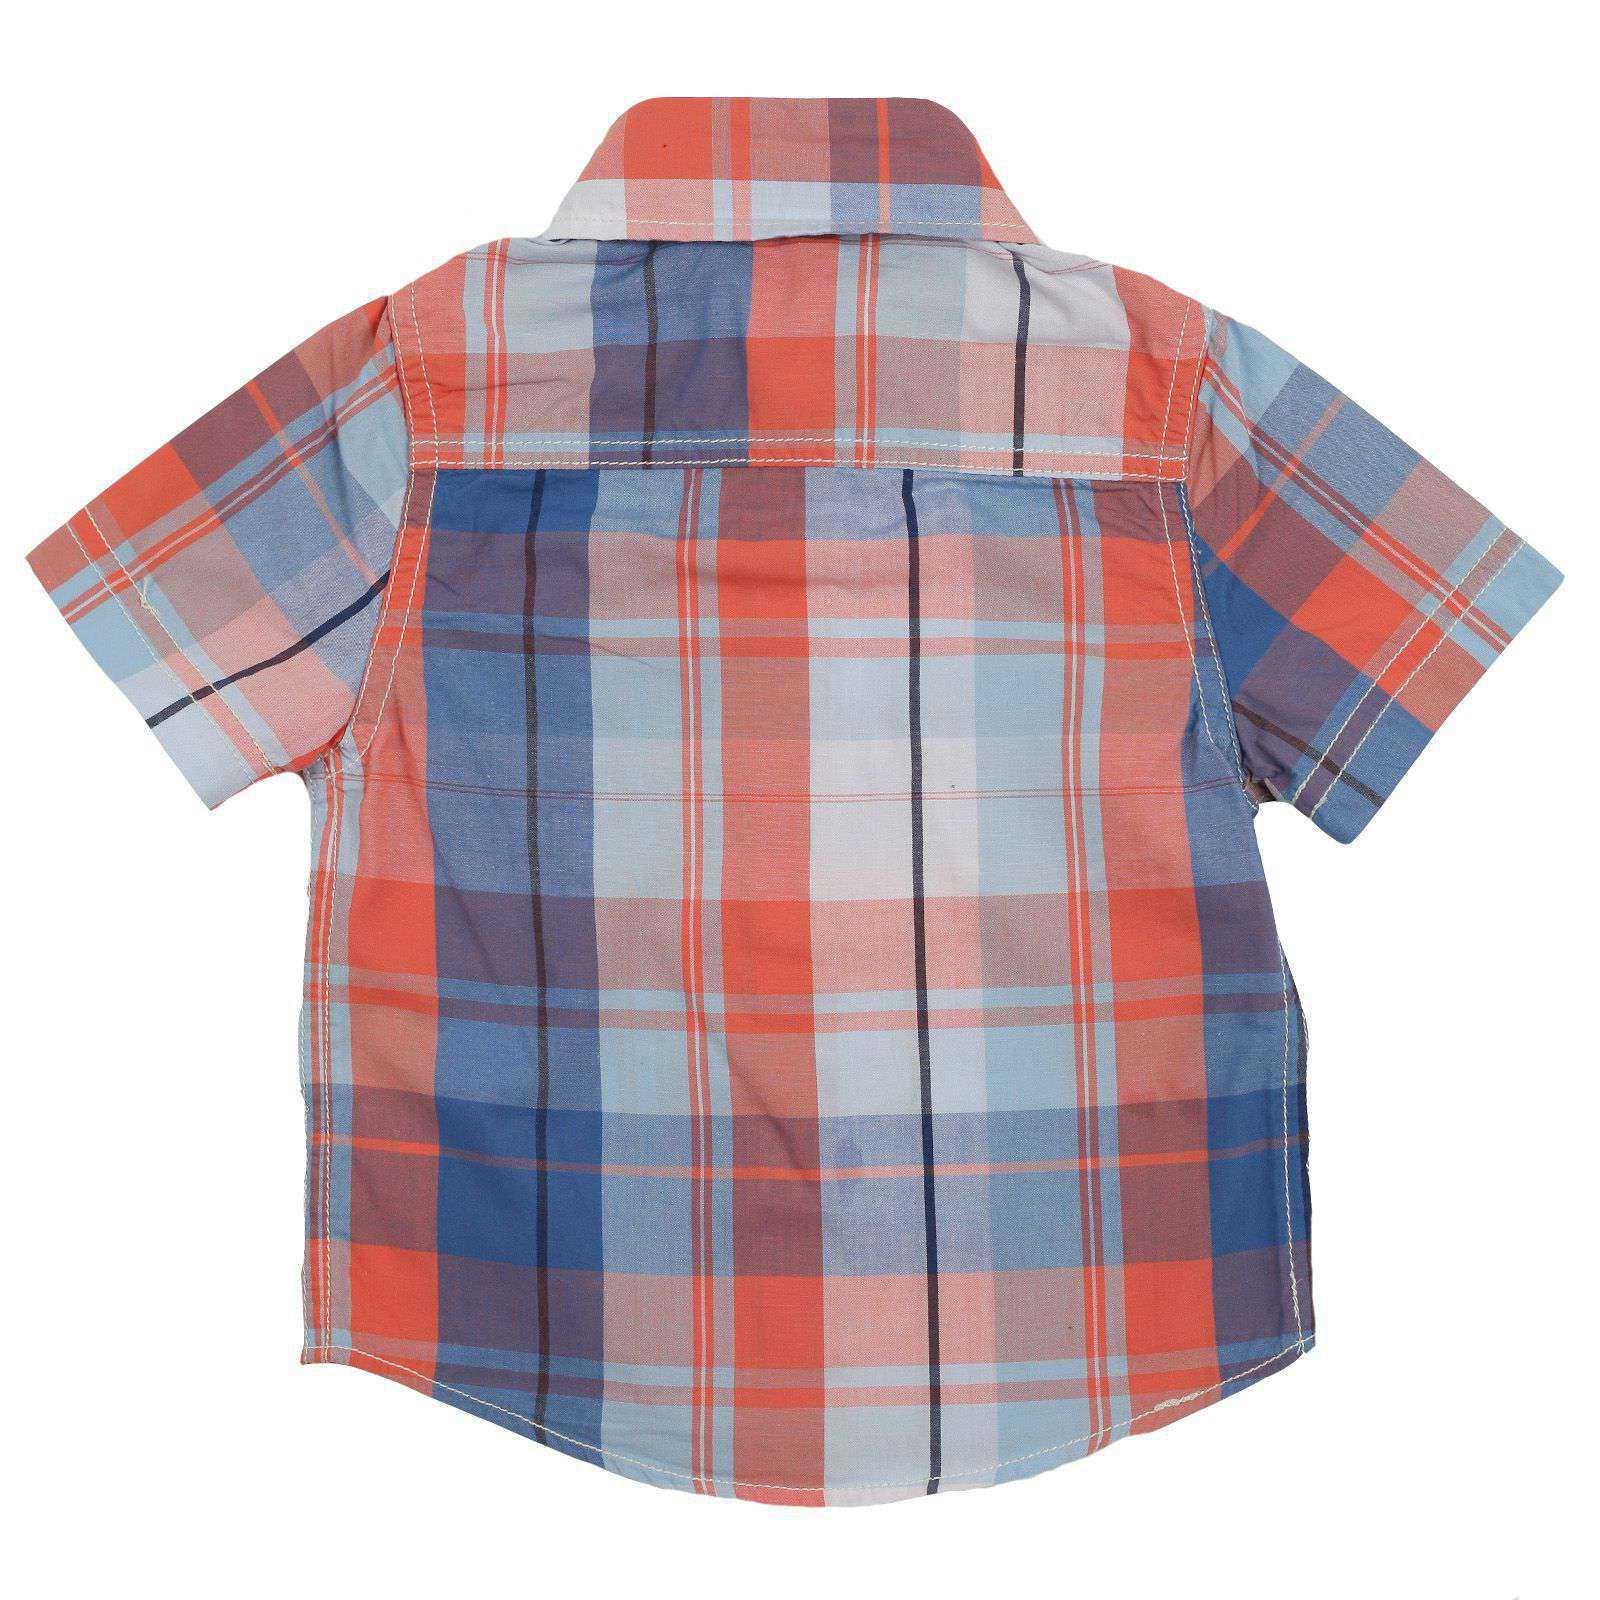 Трендовая рубашка от австралийского бренда Baby Harvest №19